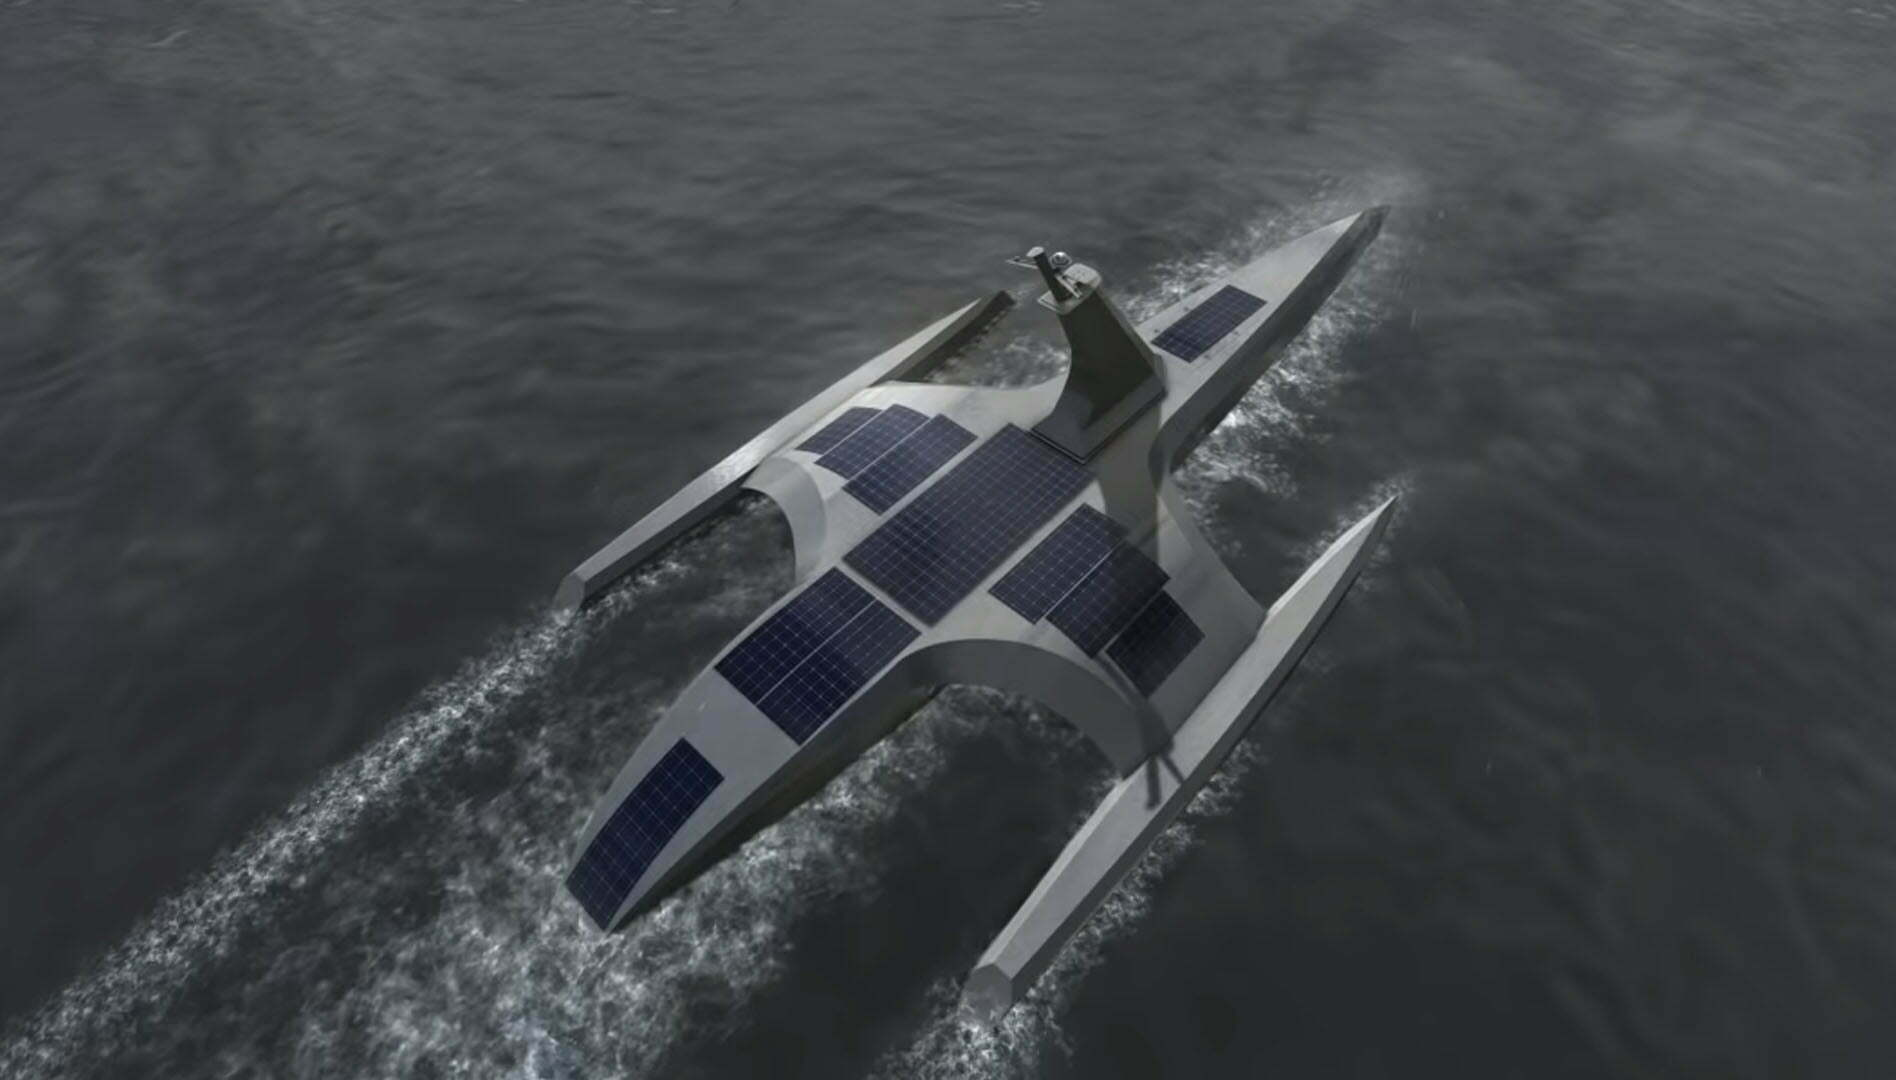 ספינה אוטונומית (קרדיט: IBM)